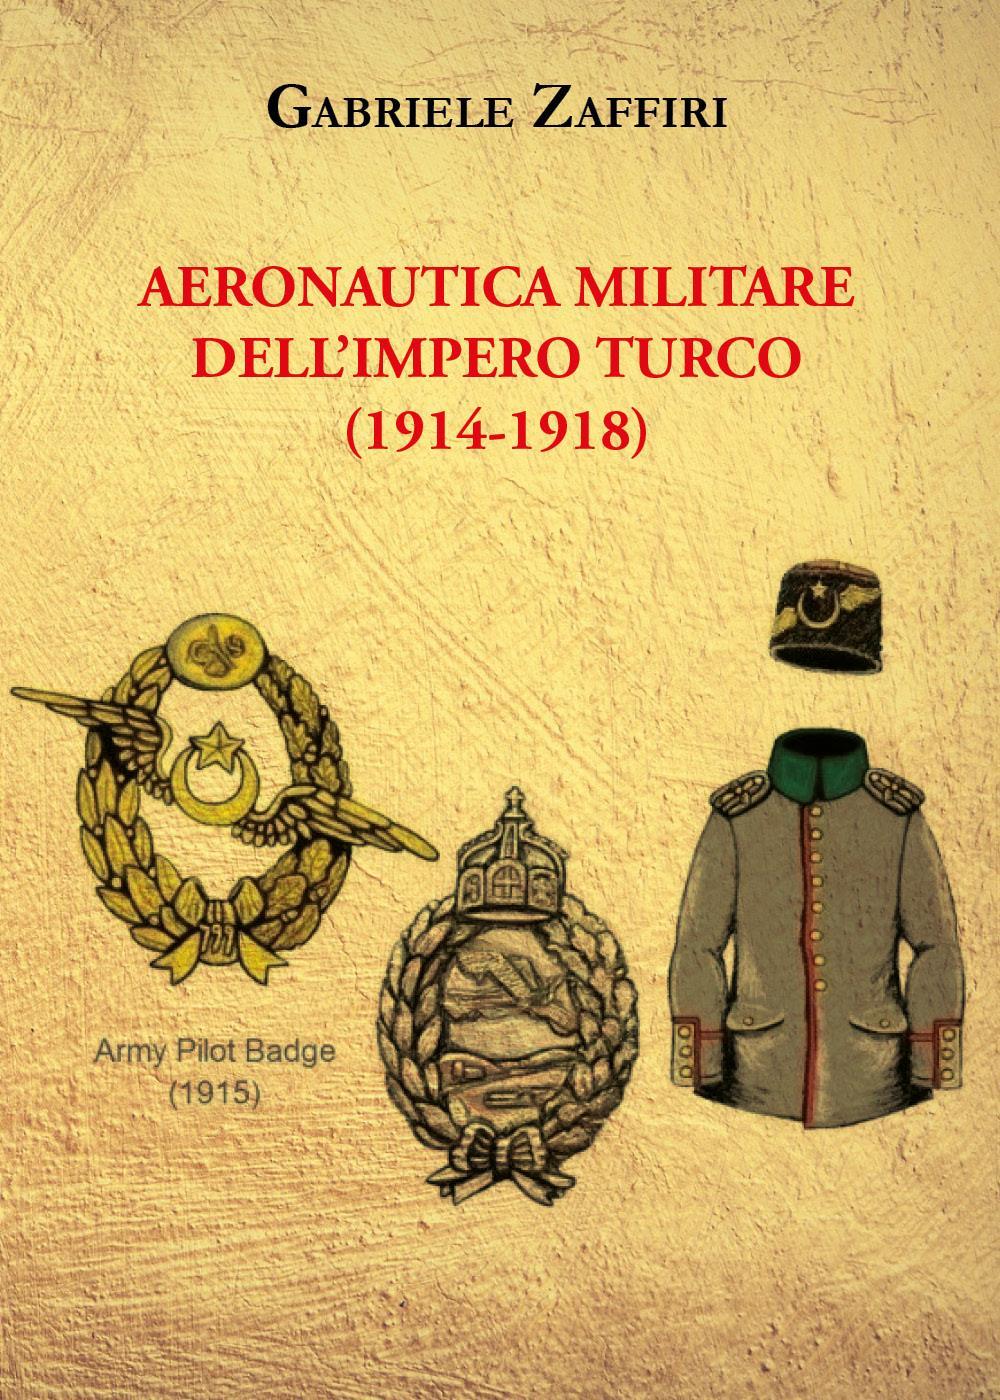 Aeronautica militare dell'Impero turco (1914-1918)